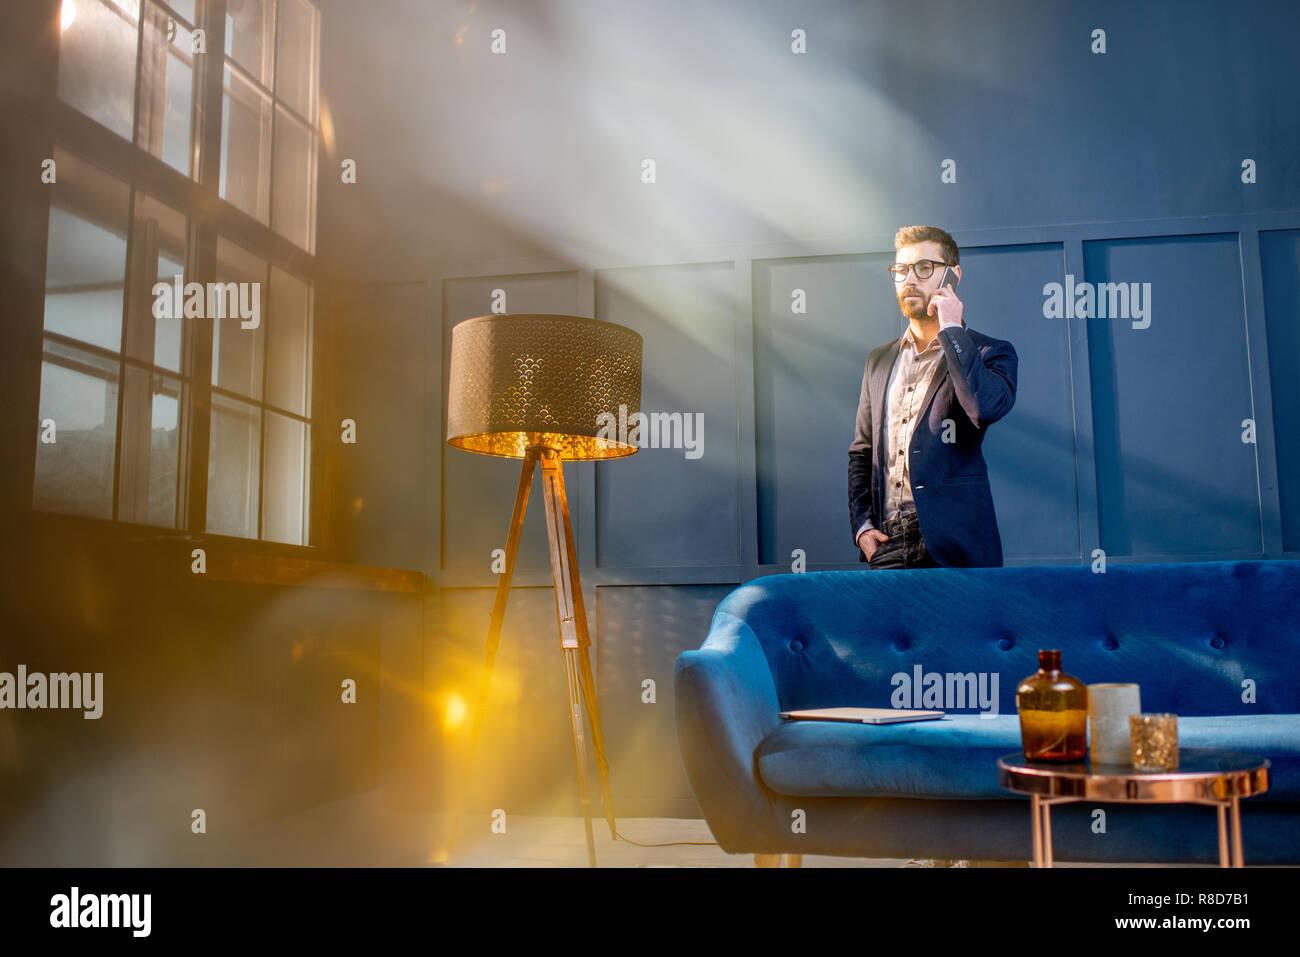 Retrato de un hombre de negocios elegante con laptop sentado en el sofá de su casa en el lujoso interior oficina azul Foto de stock